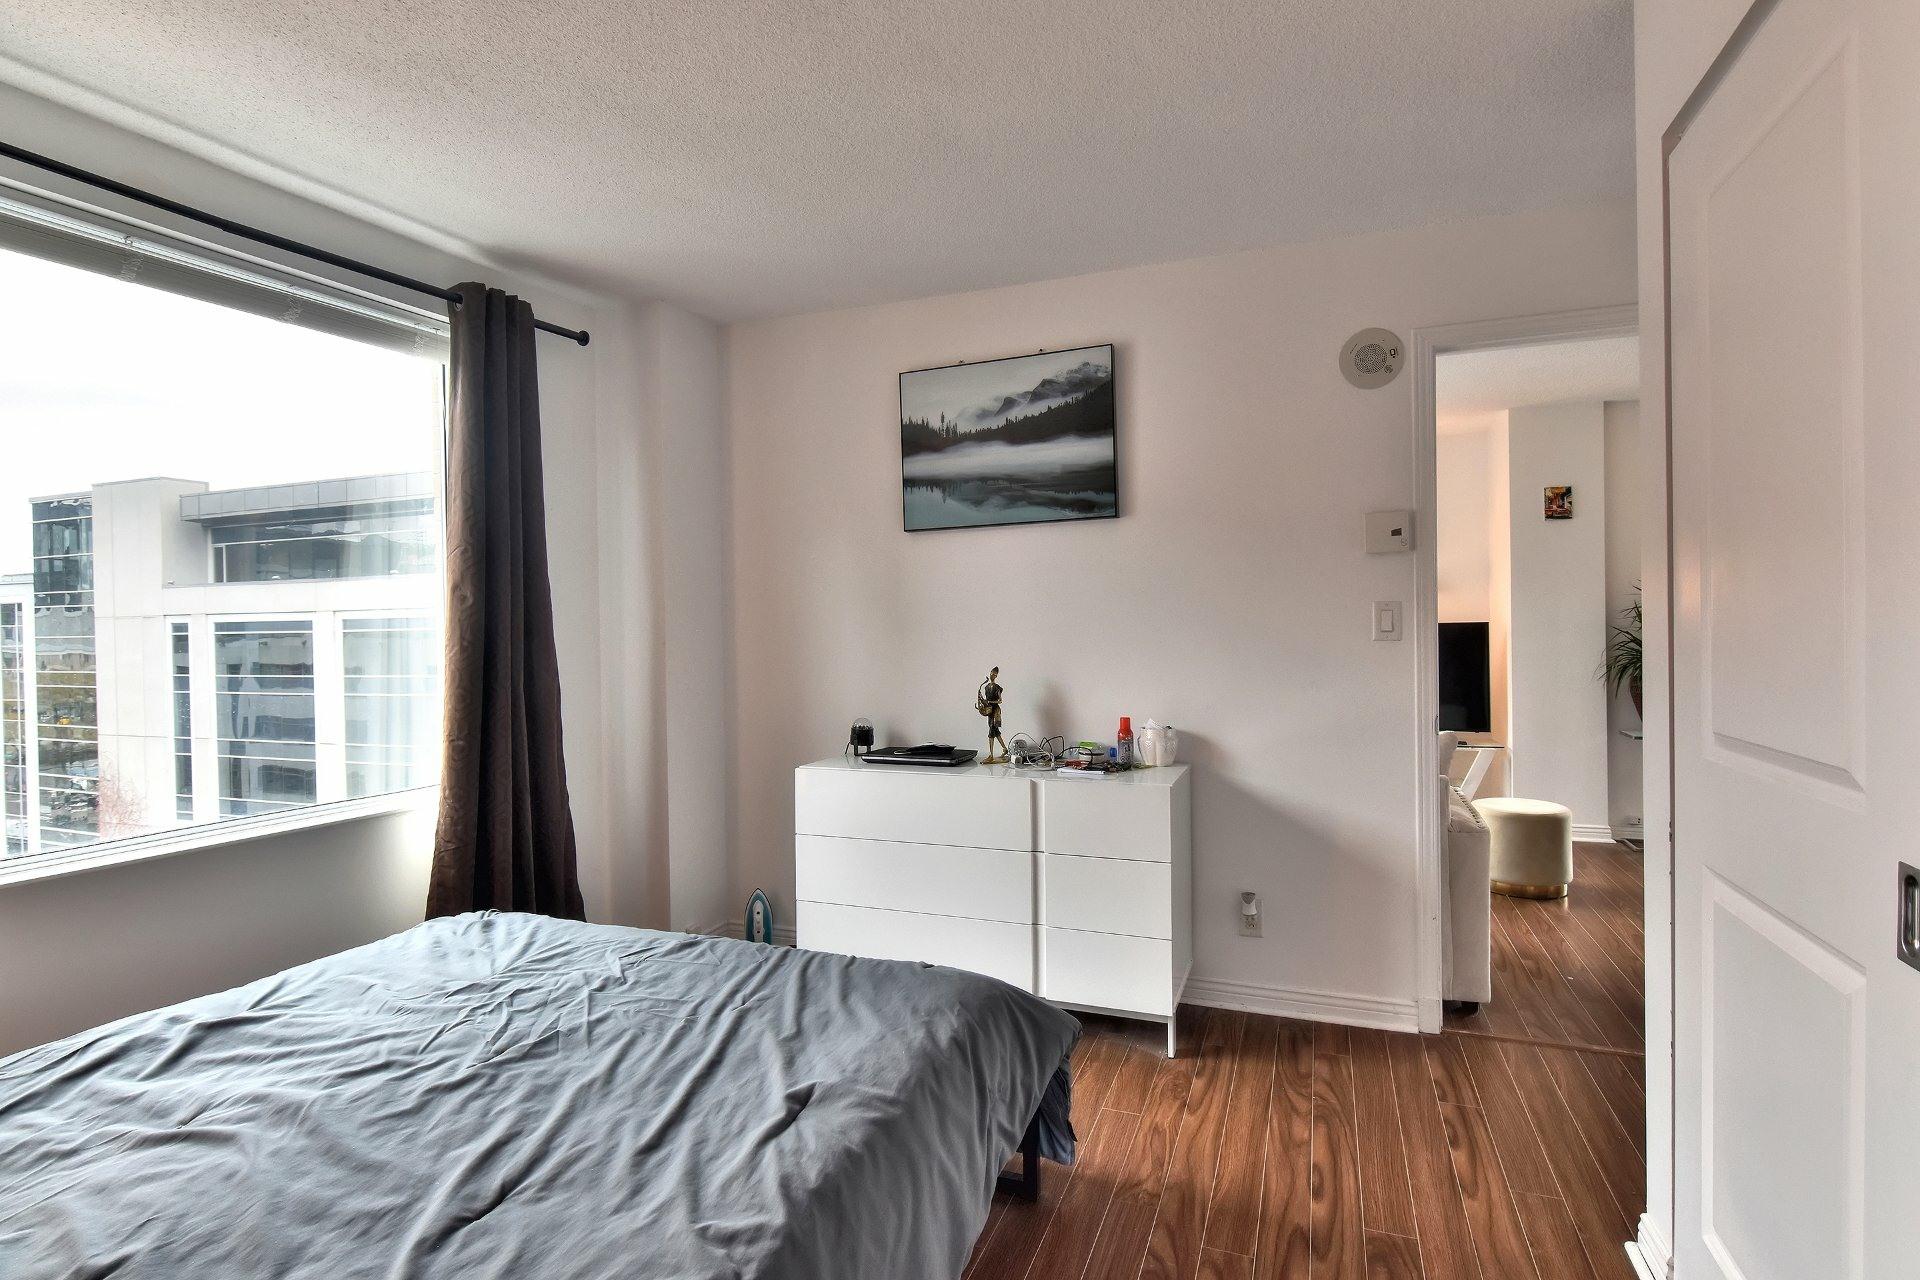 image 12 - Appartement À louer Ville-Marie Montréal  - 6 pièces